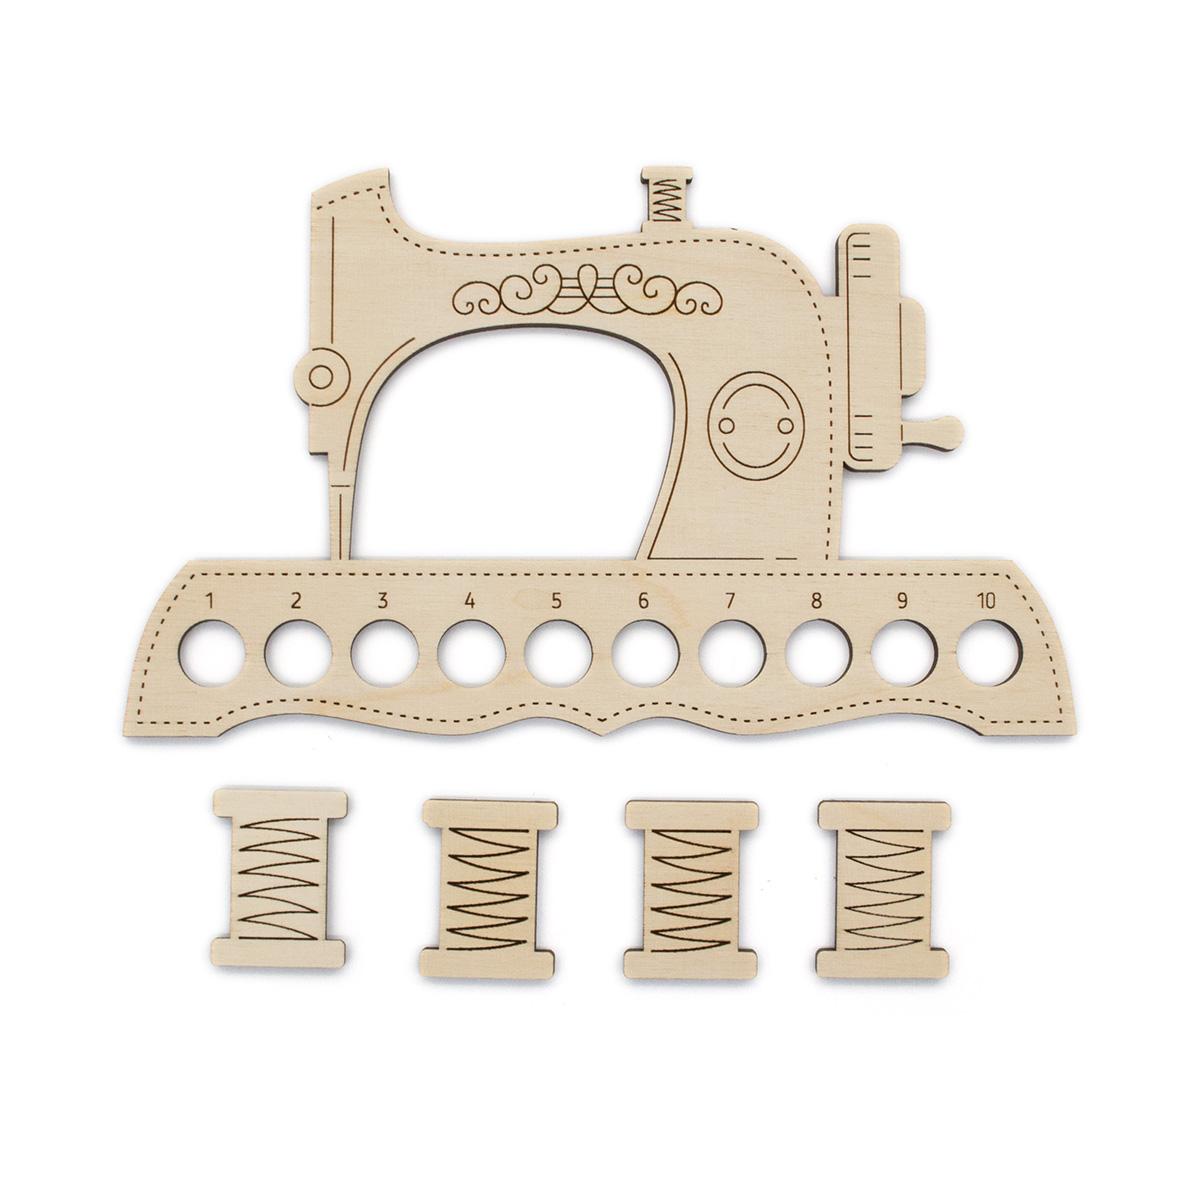 ОР-037 Органайзер для ниток МП Студия 'Швейная машинка' 12*20см+4 бобины для ниток